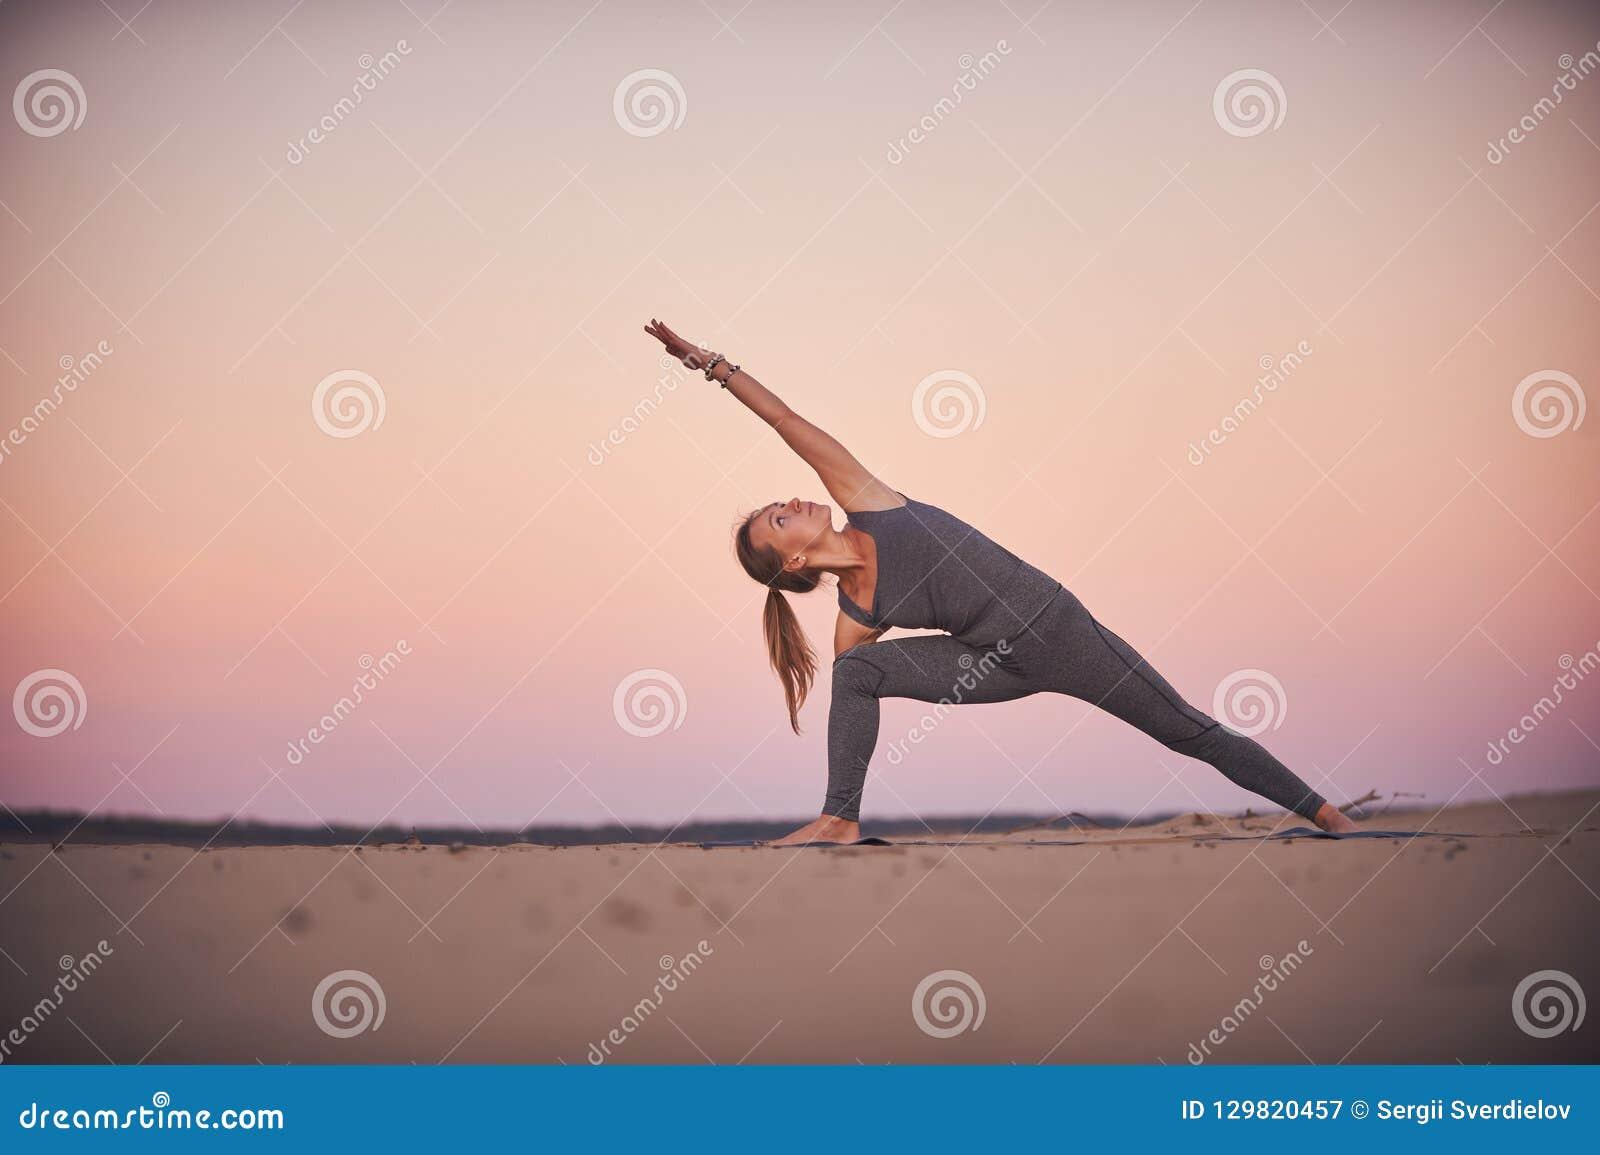 Asana bonito Utthita Parshvakonasana da ioga das práticas da jovem mulher - estenda a pose do ângulo lateral no deserto no por do